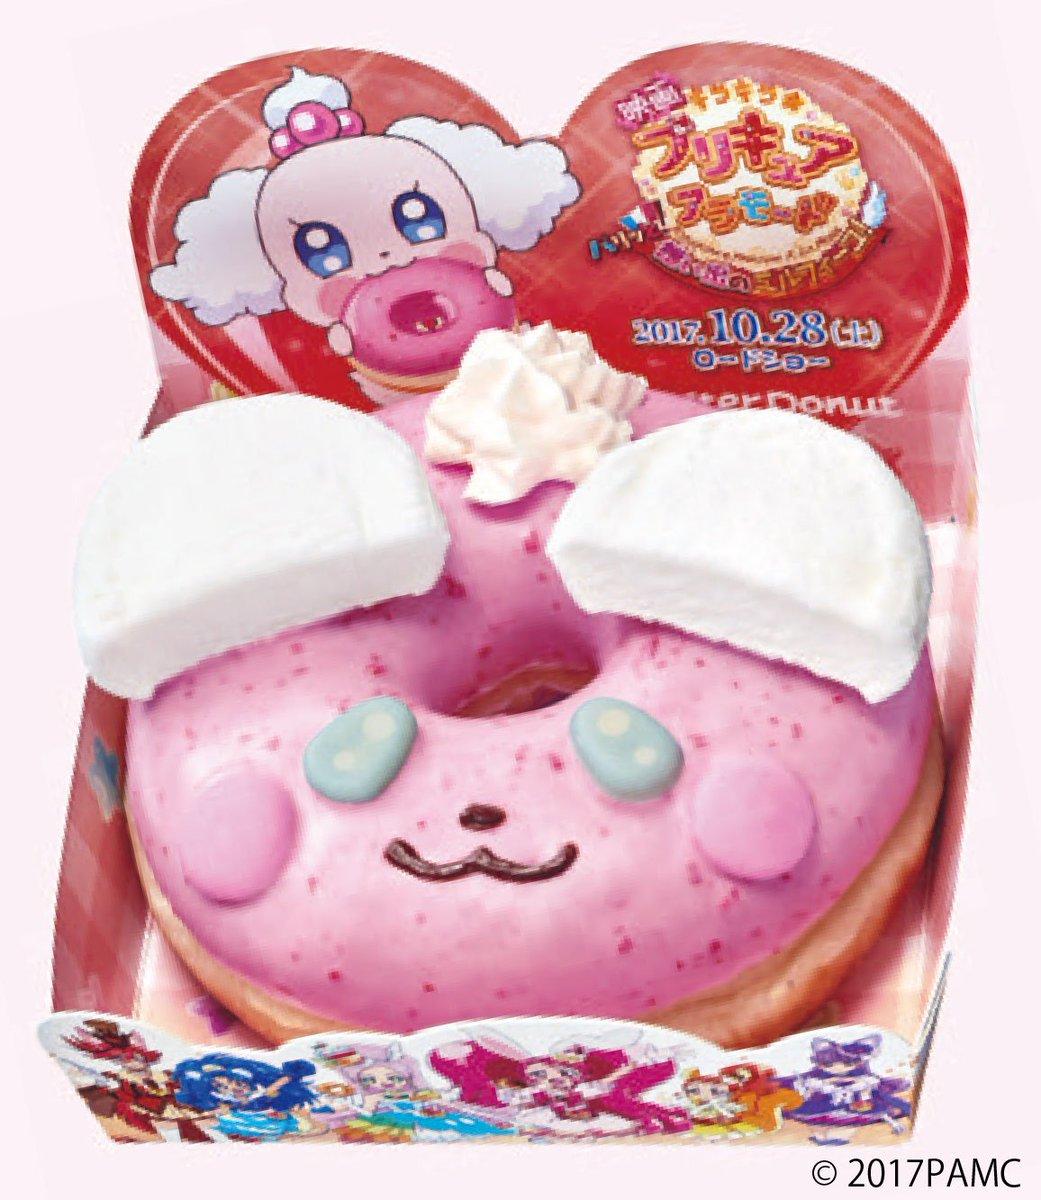 本日7/20(木)から「映画キラキラ☆プリキュアアラモード」の人気キャラクター「ペコリン」が『ペコリンドーナツ』になって